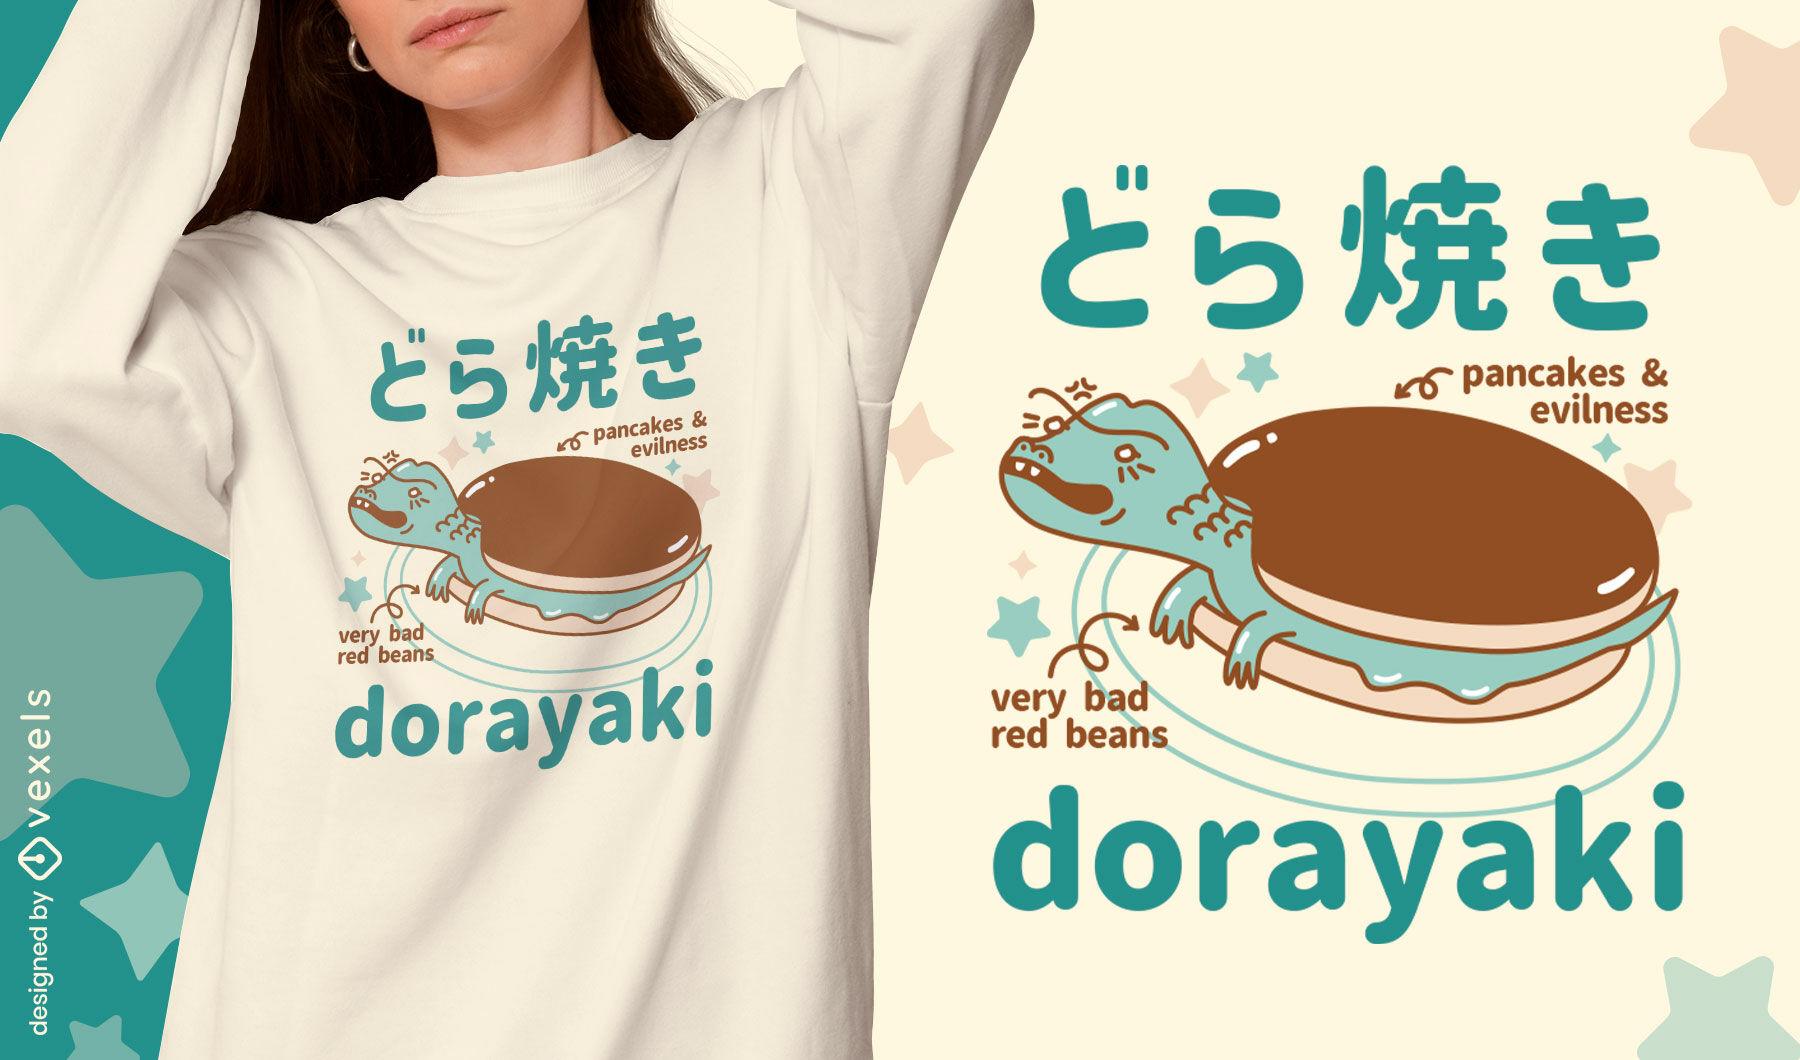 Dise?o de camiseta de monstruo de panqueques japon?s